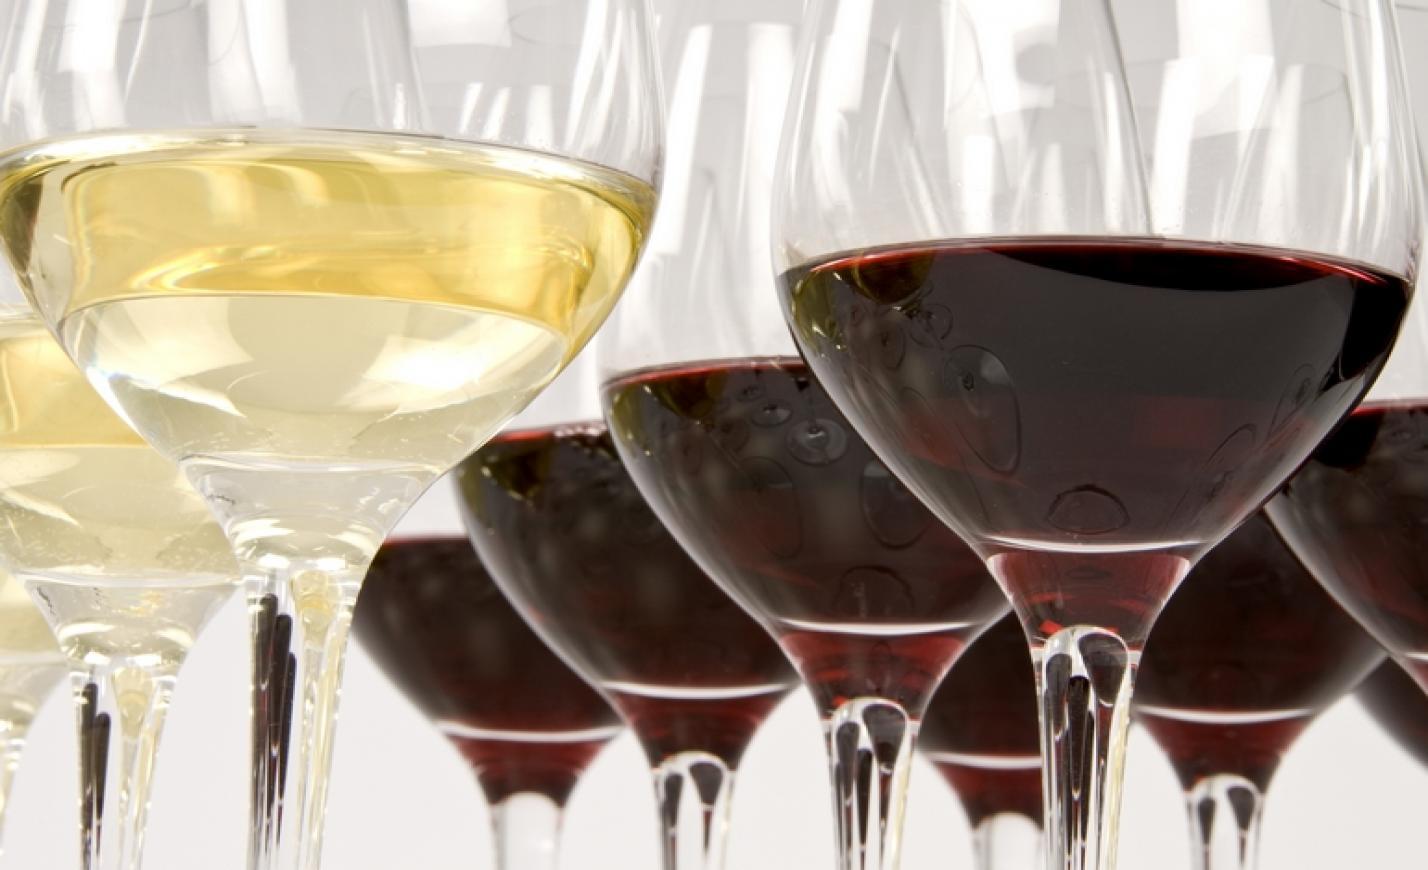 Ezek az idei év legjobb borai!